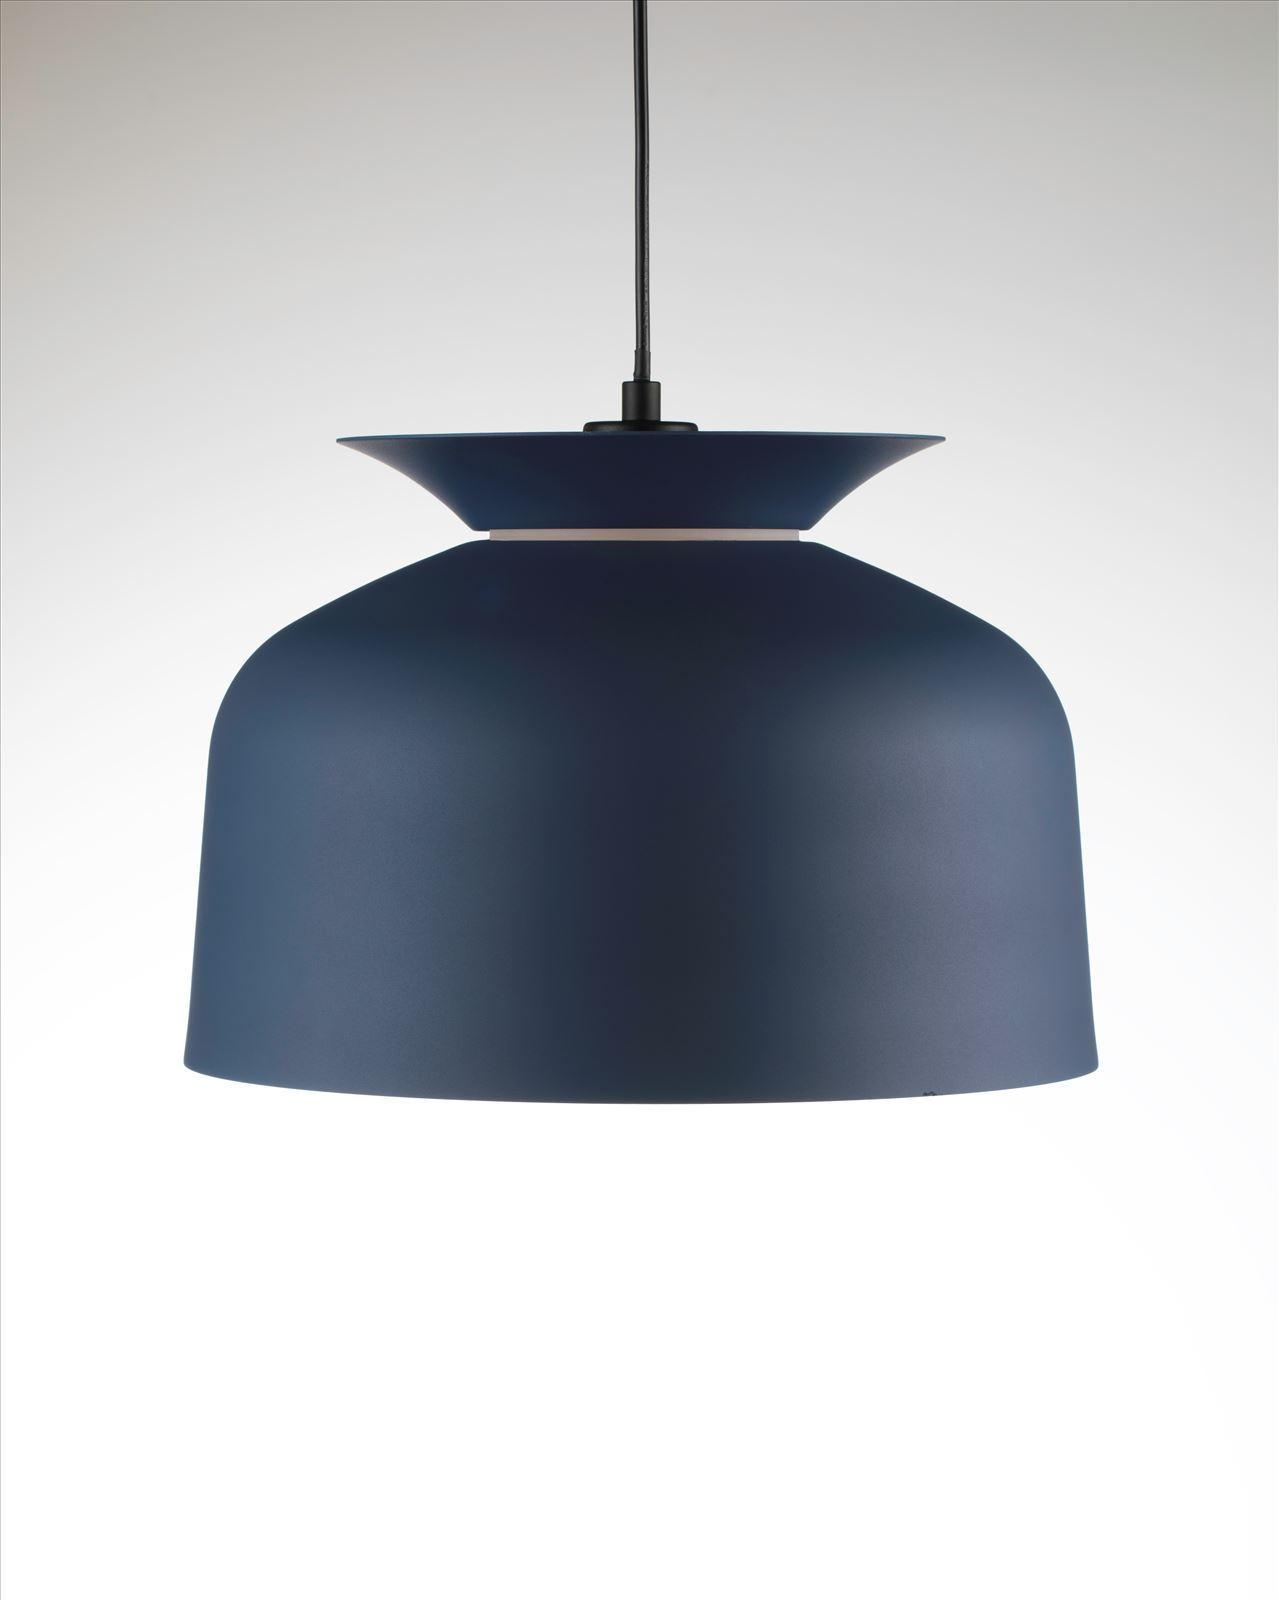 גופי תאורה בקטגוריית: מנורות תלויות ,שם המוצר: PILOT